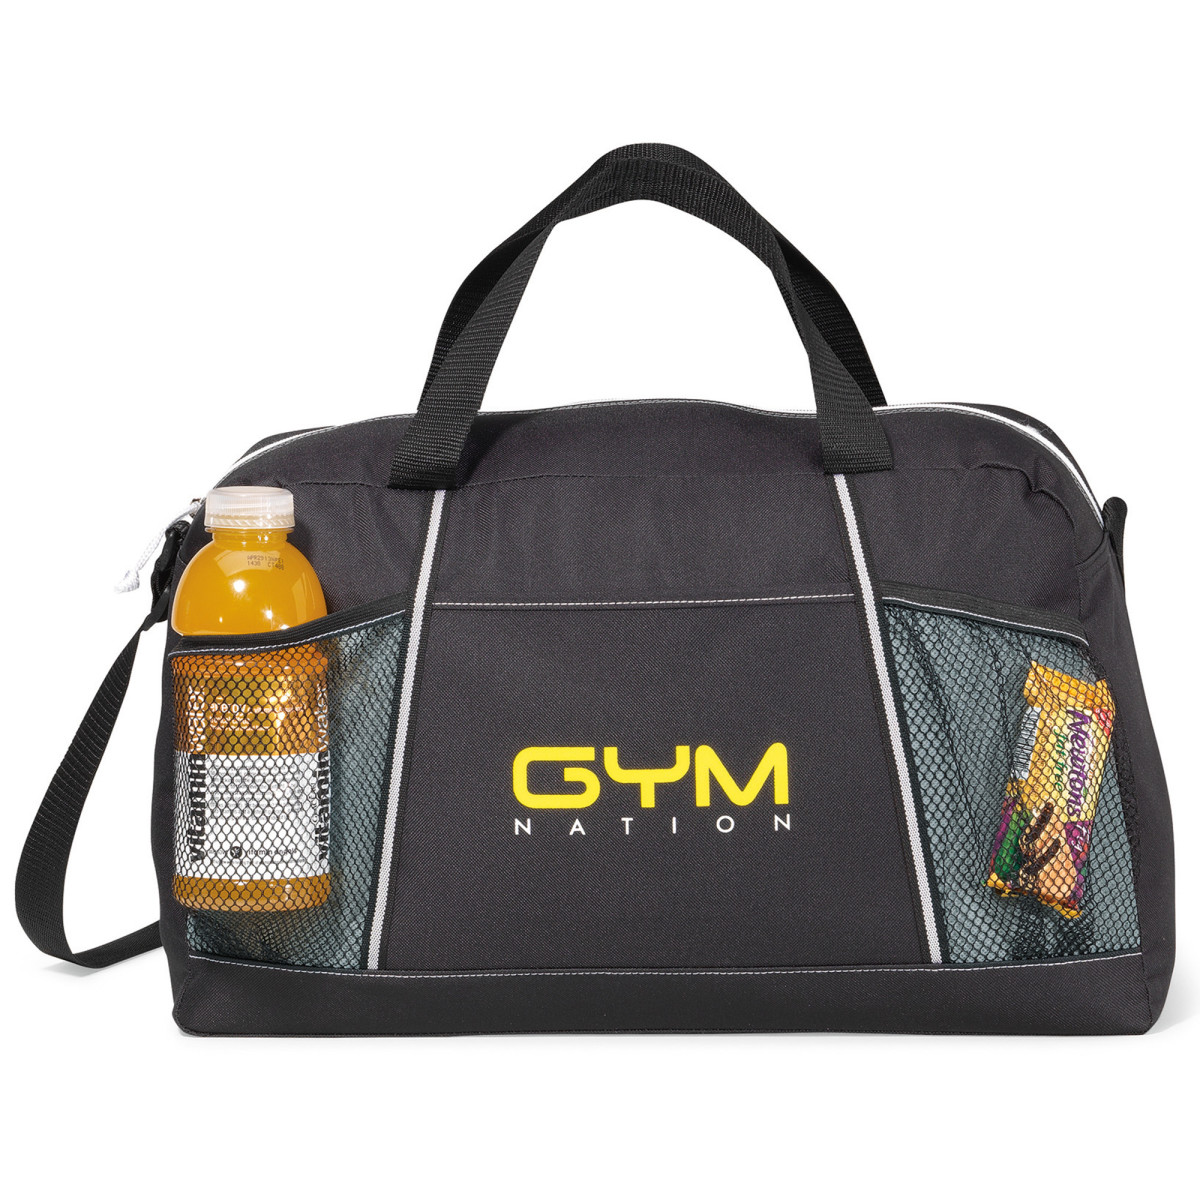 Gemline 7075 - Champion Sport Bag